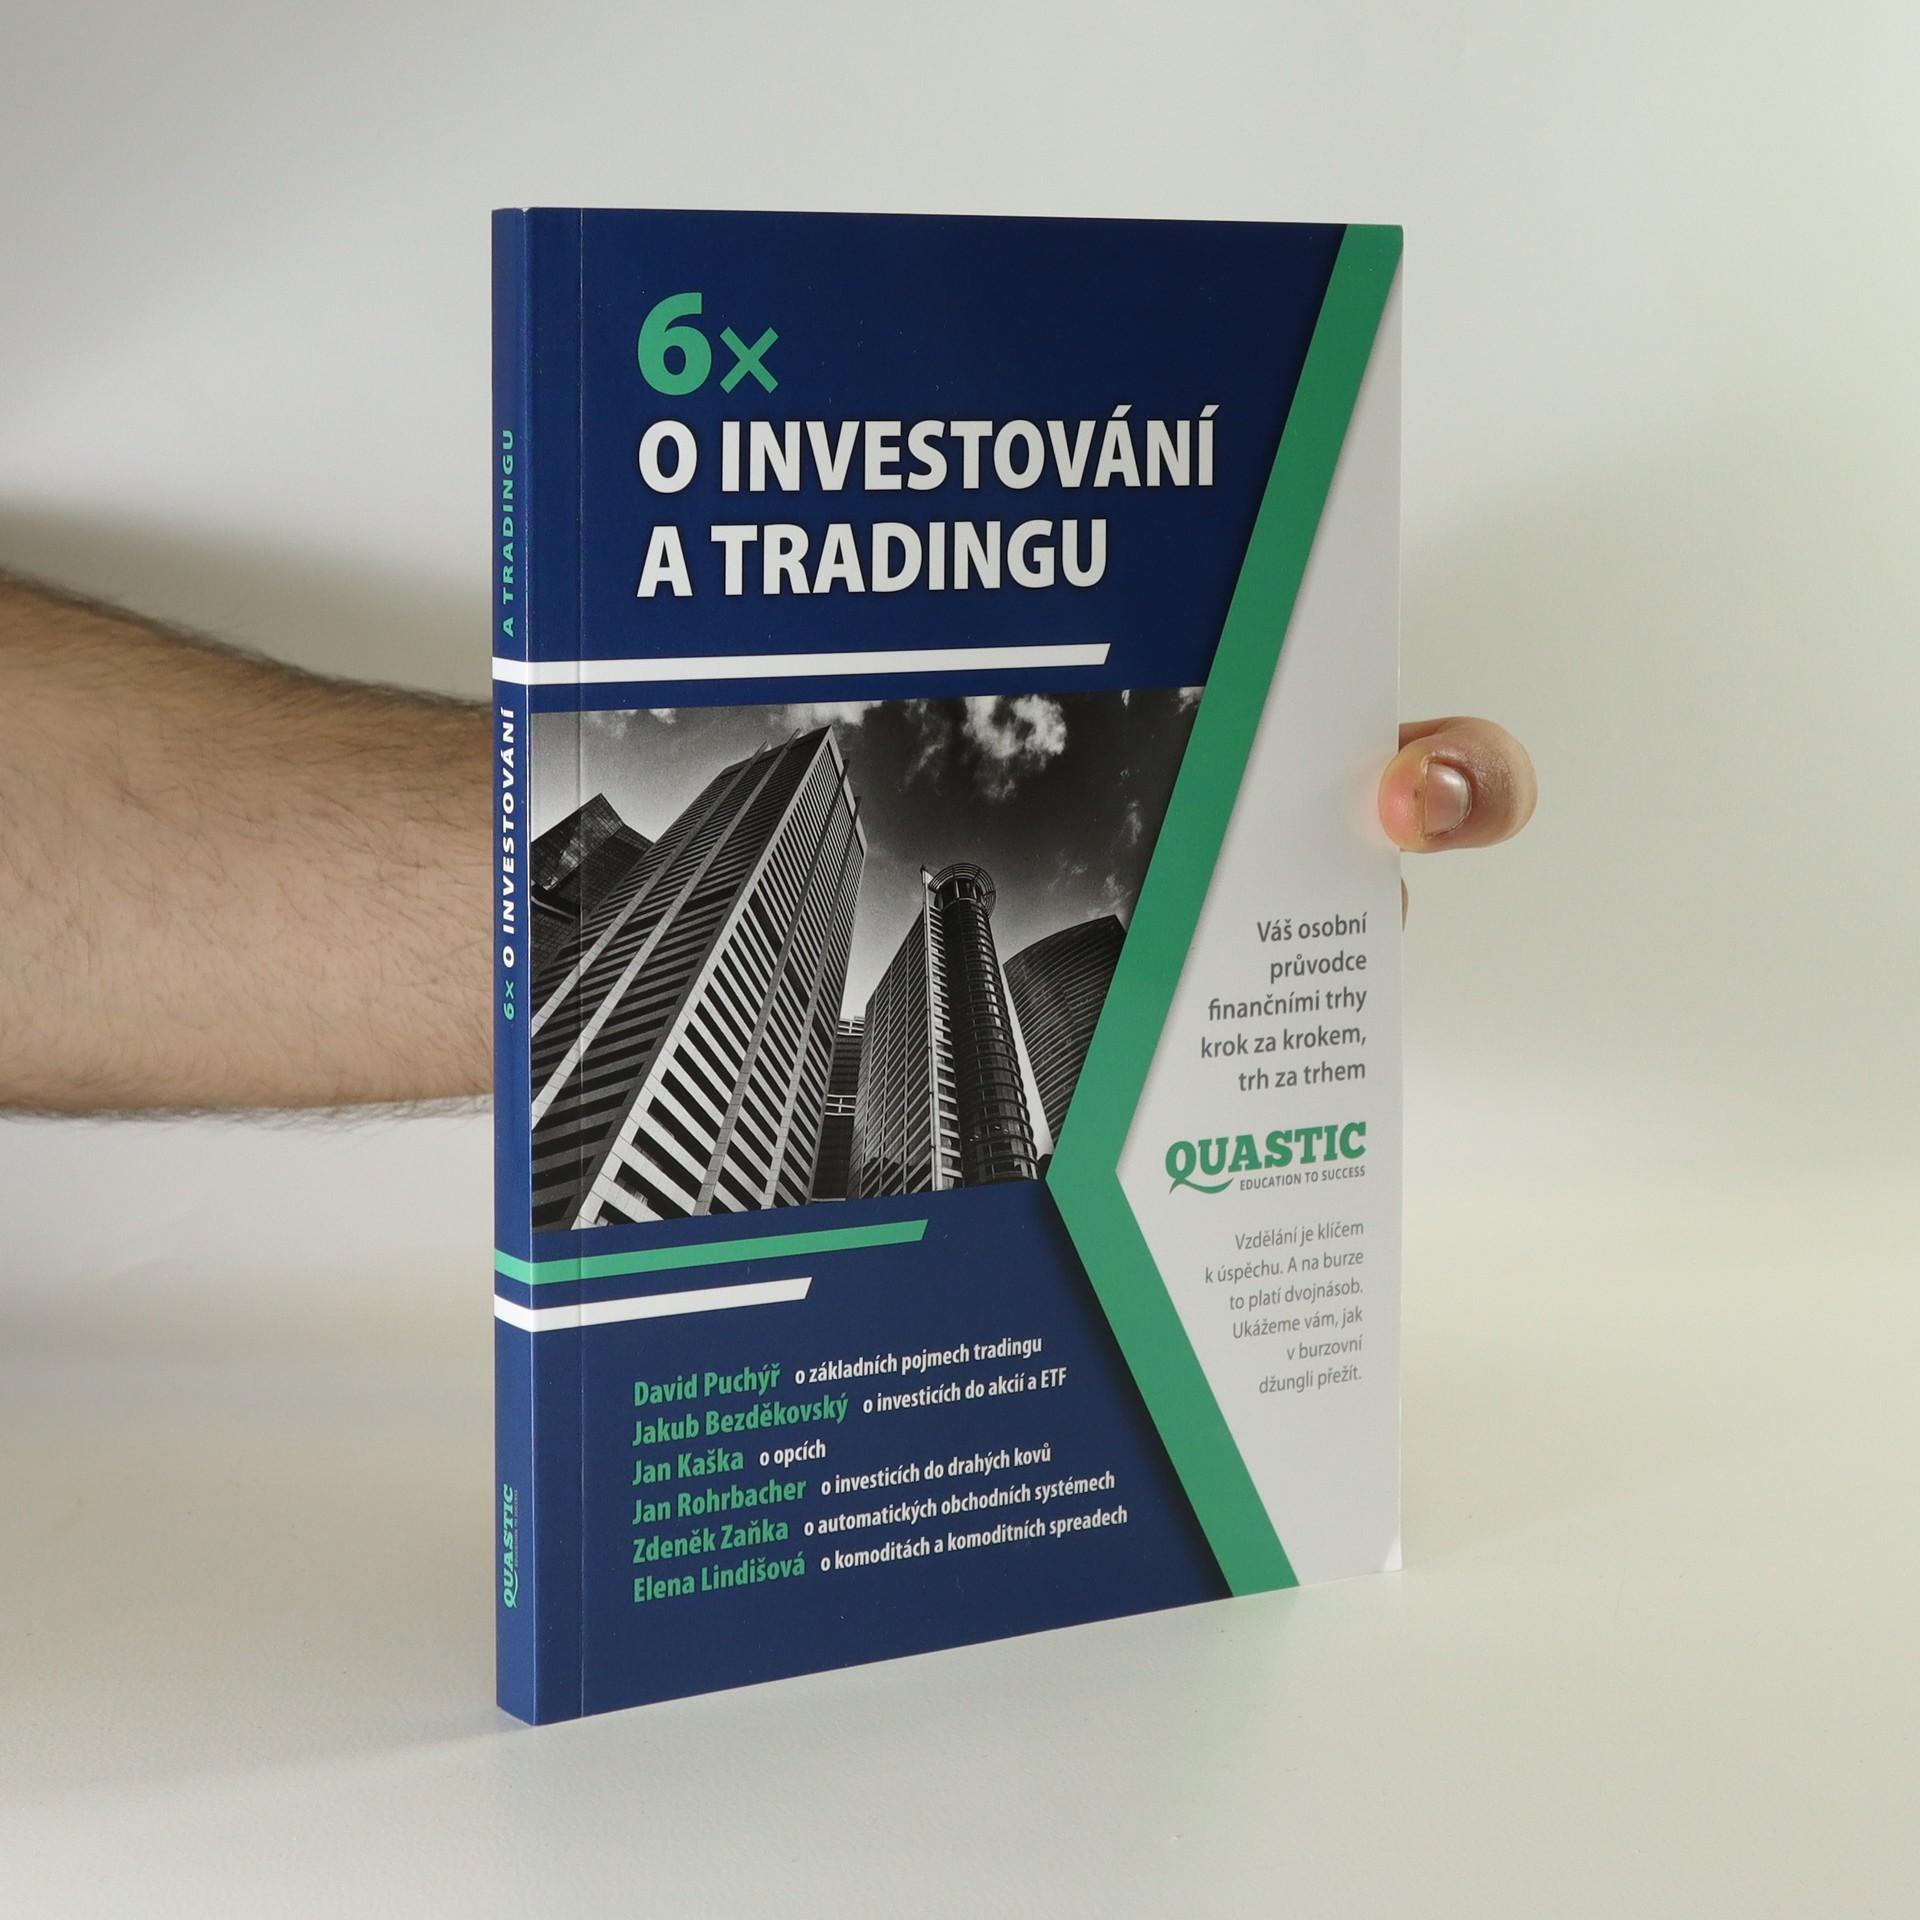 antikvární kniha 6x o investování a tradingu, 2018